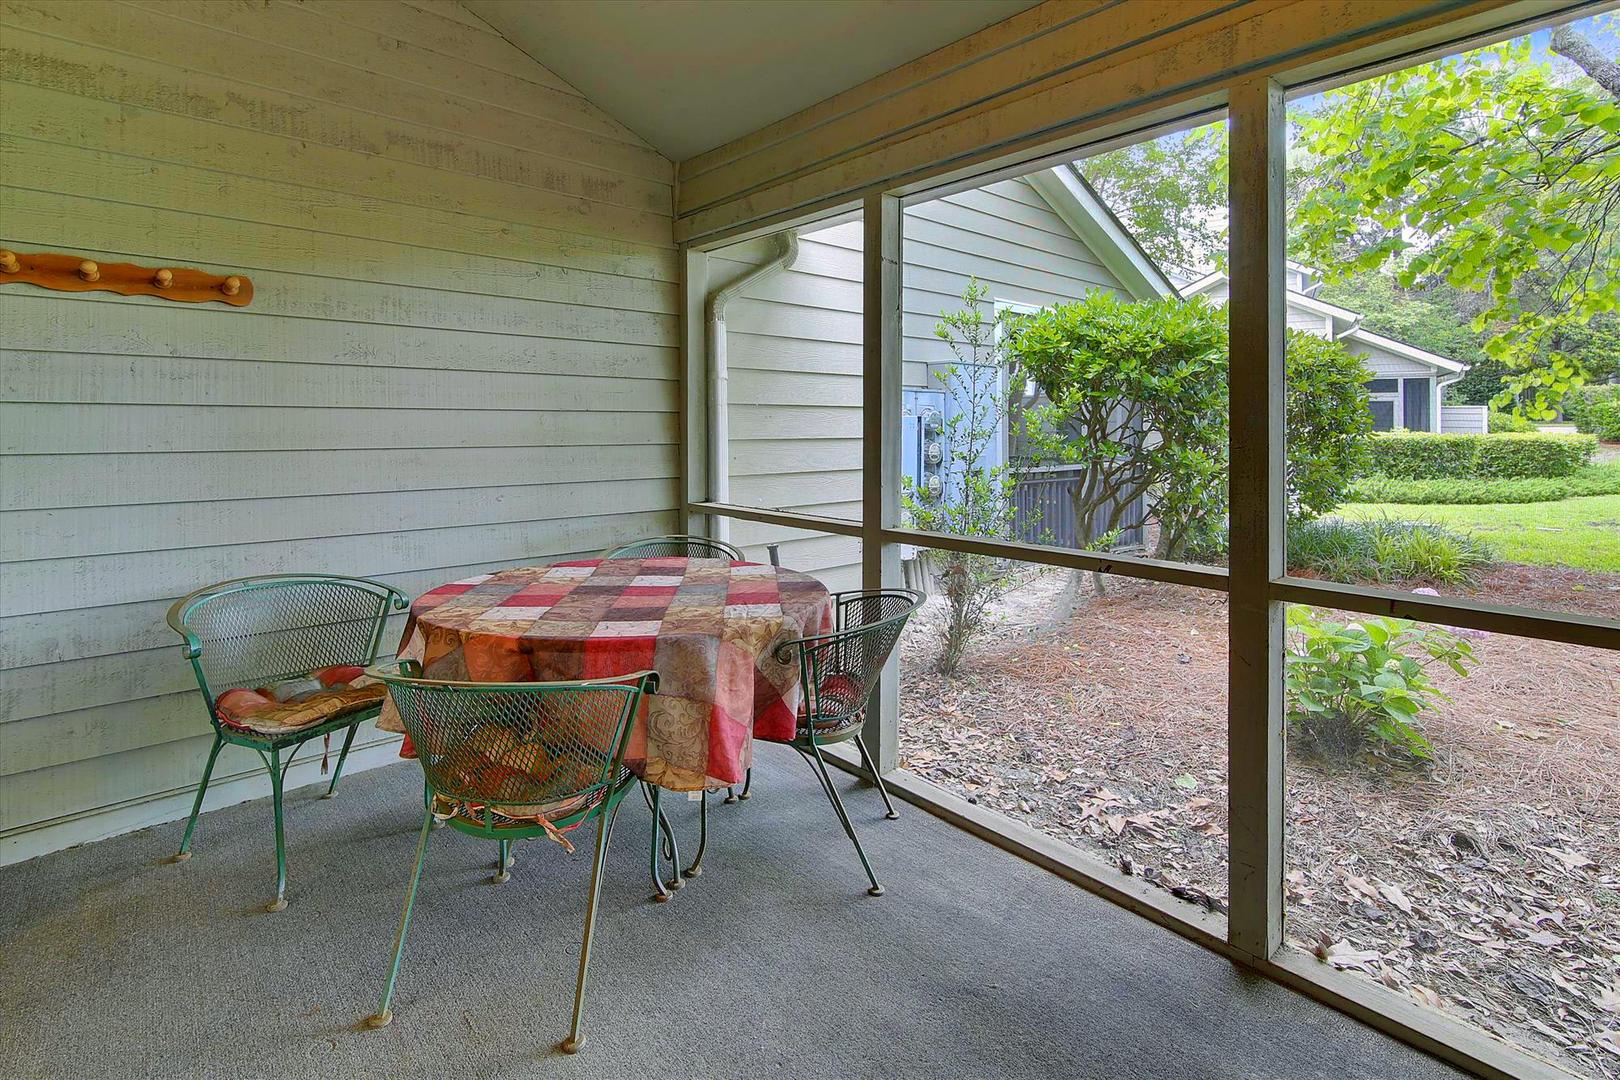 Ocean Creek G2707 - Private Screened Porch